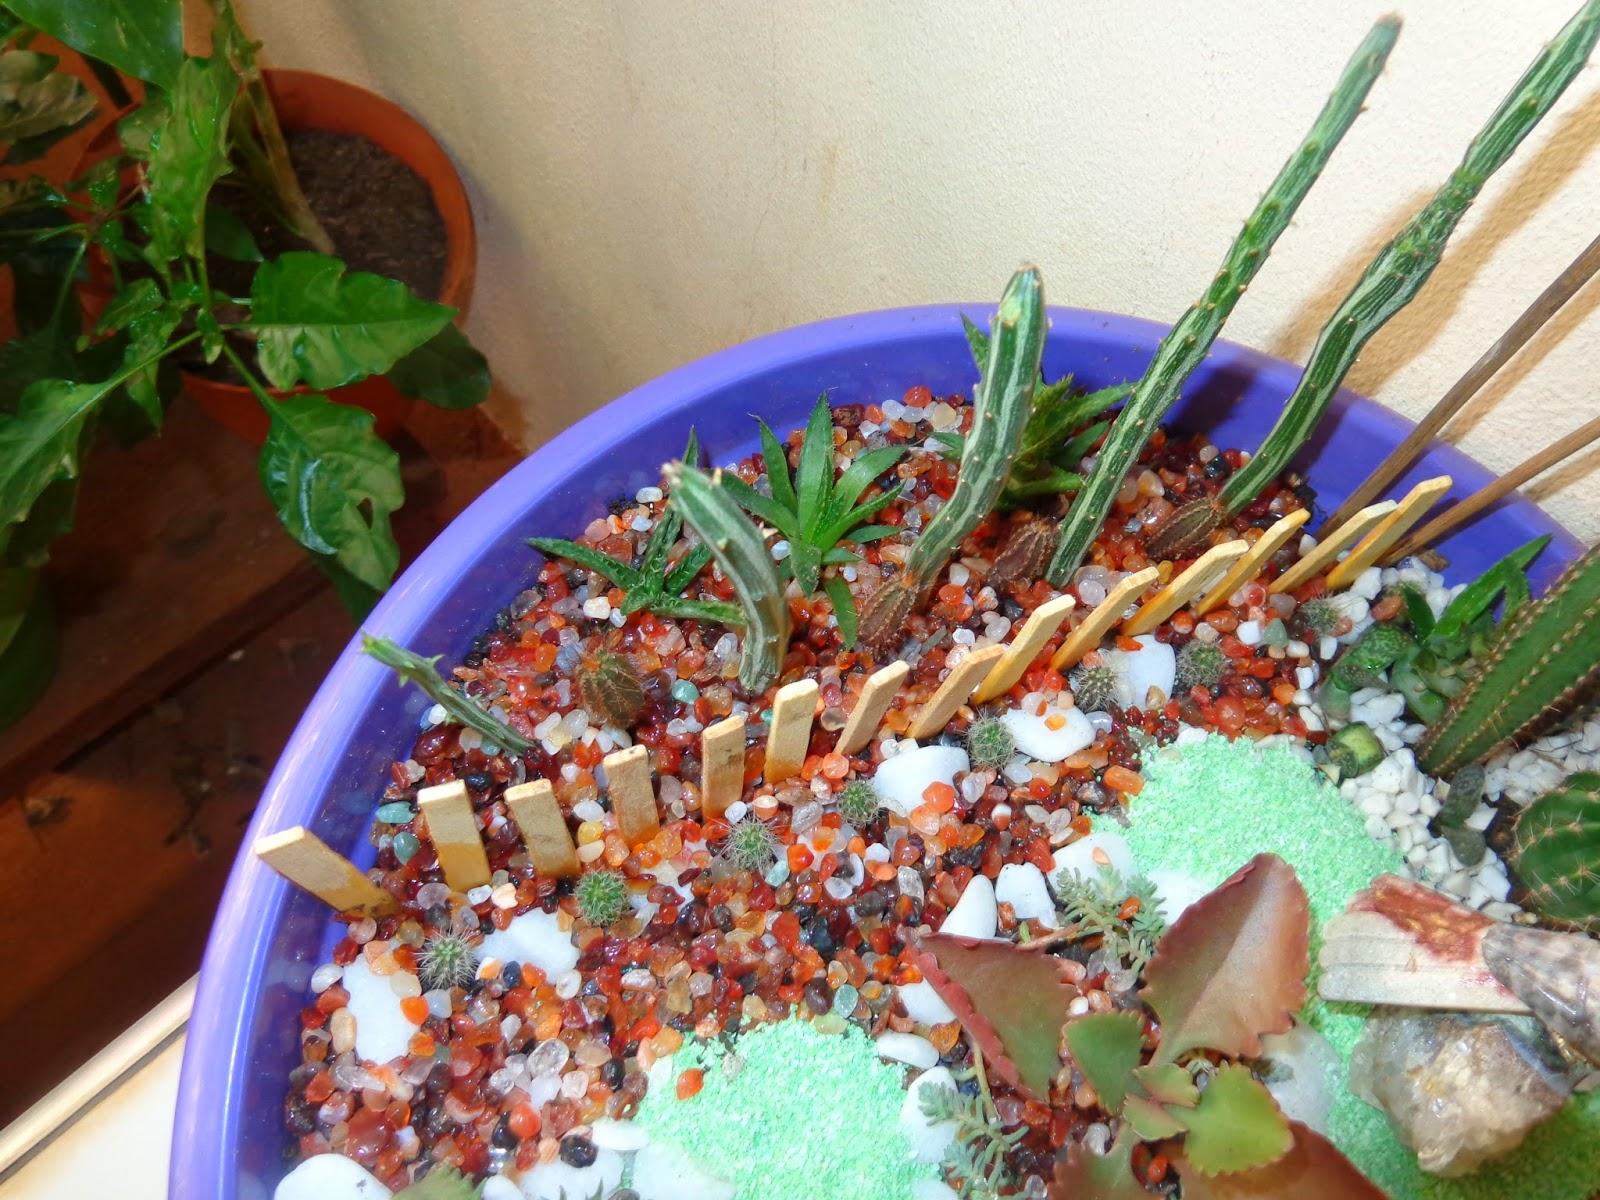 artesanato mini jardim:Esses cactozinhos são bebês que plantei de semente. Quando crescerem